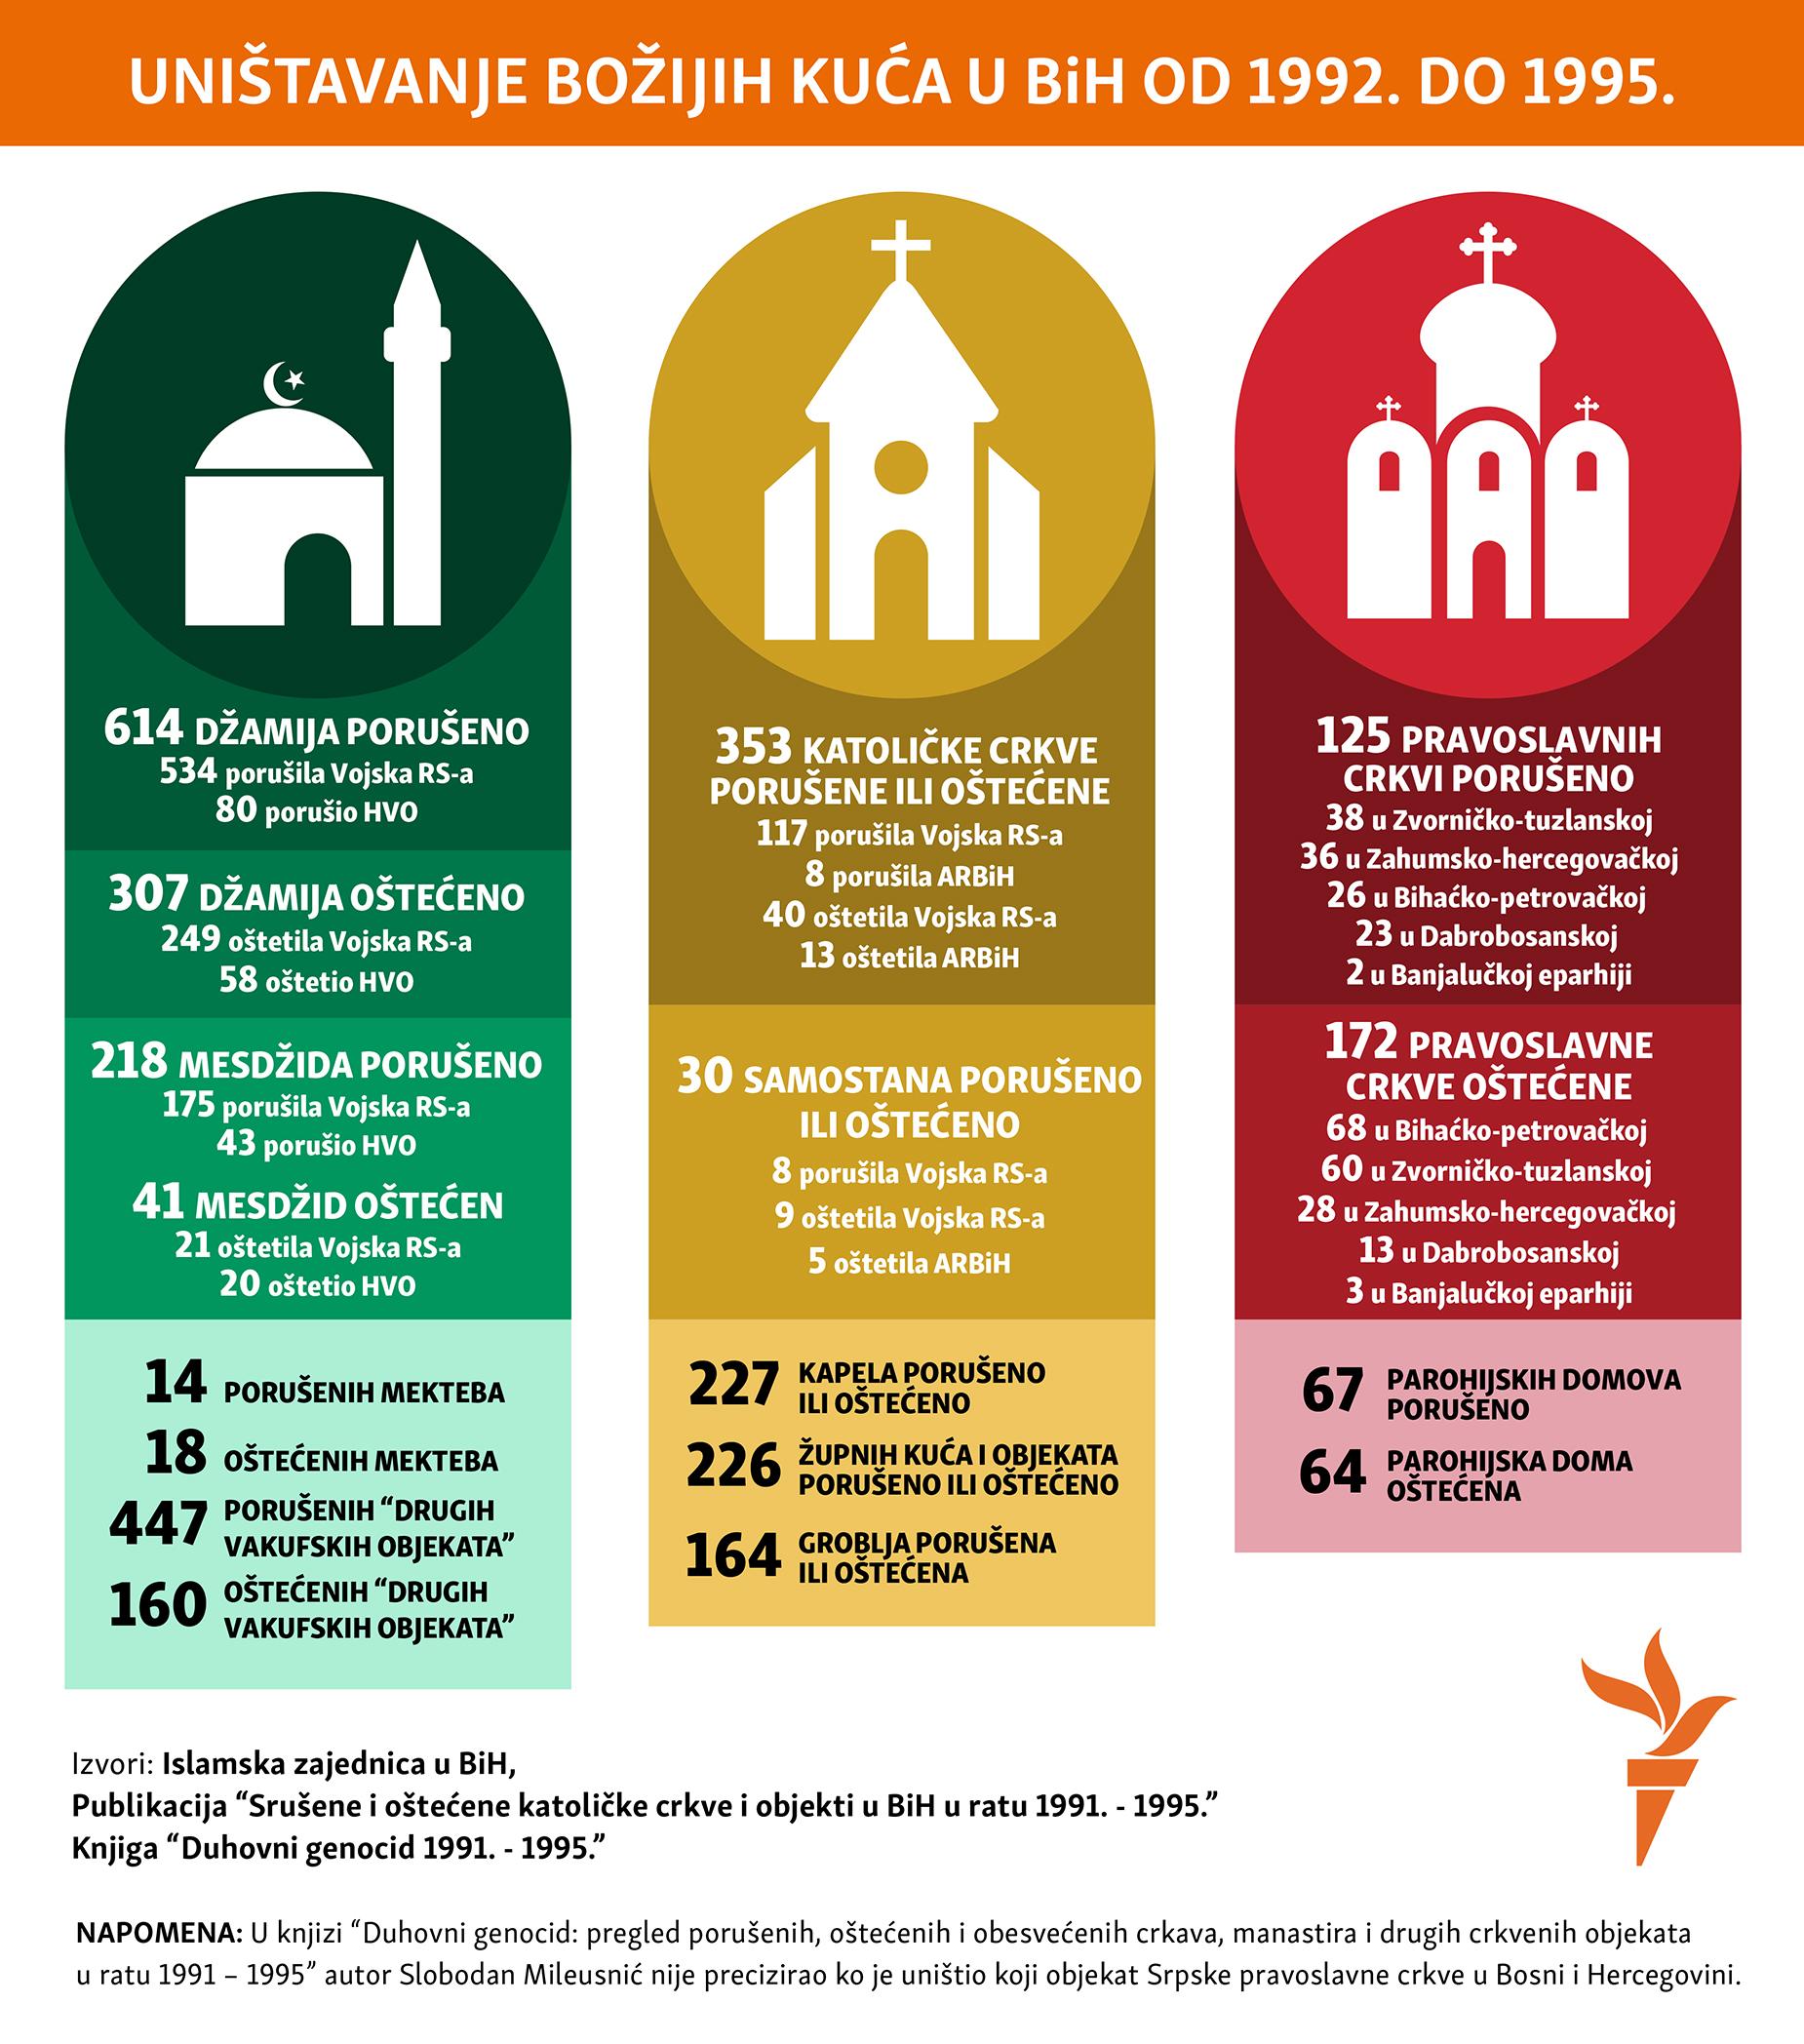 destruction of religious objects in Bosnian war